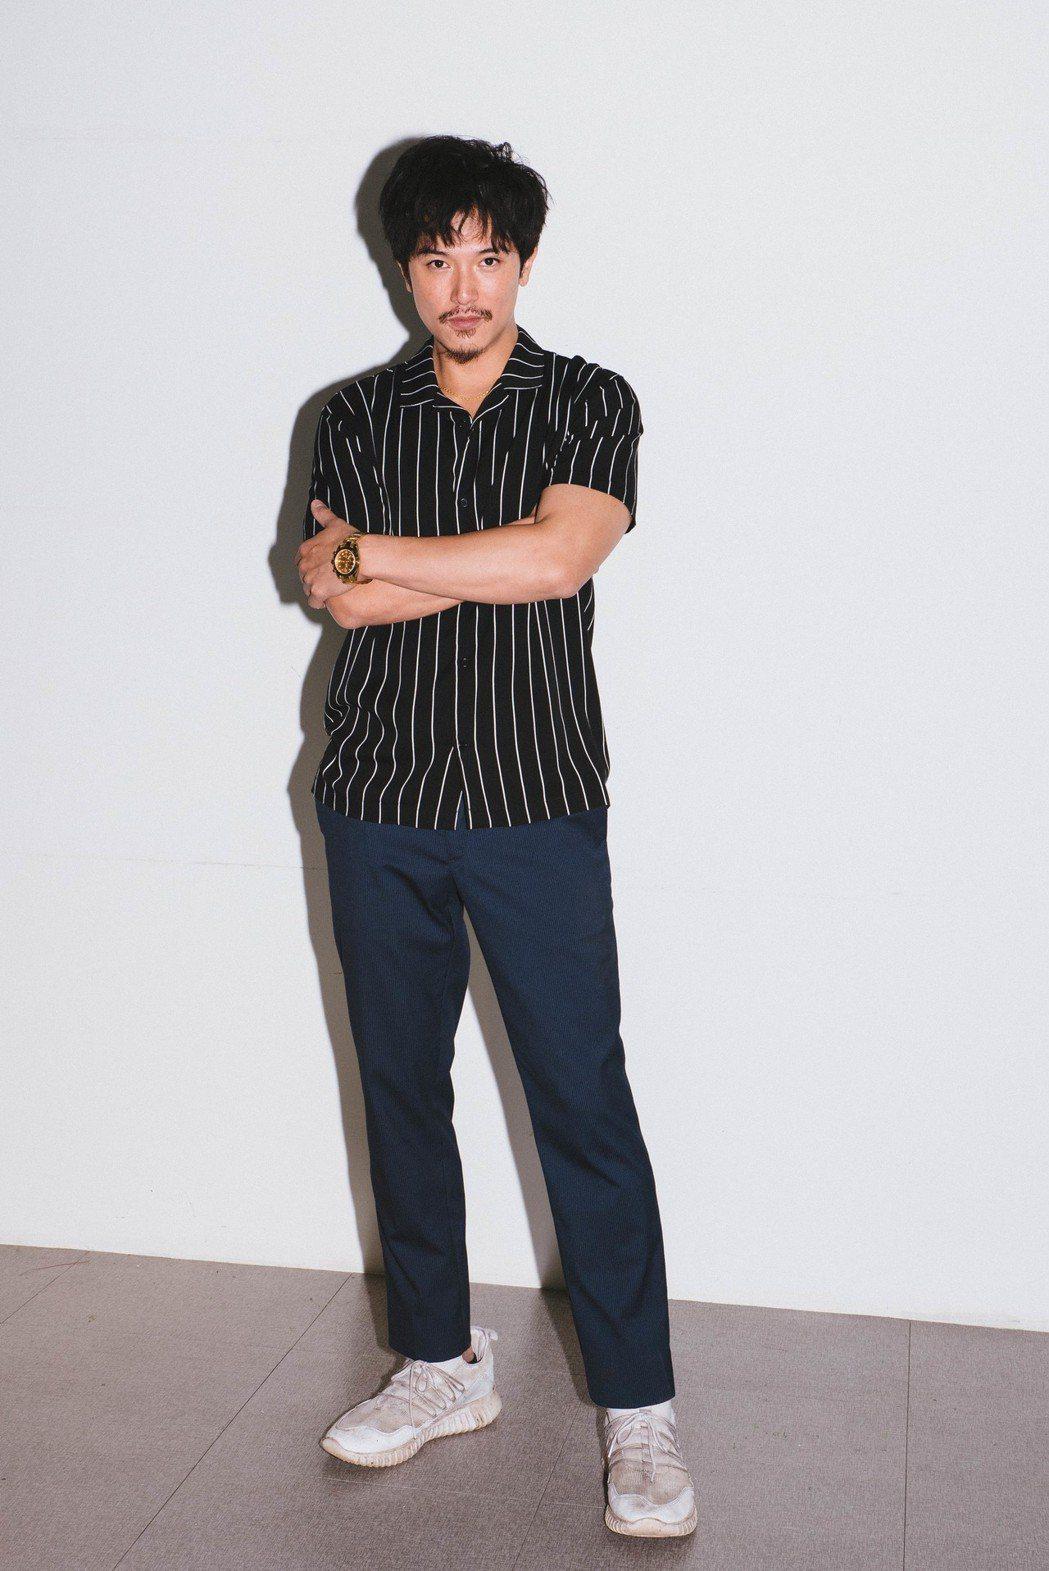 邱澤在「江湖無難事」中扮演黑道小嘍囉,戲路大轉變。圖/華映提供